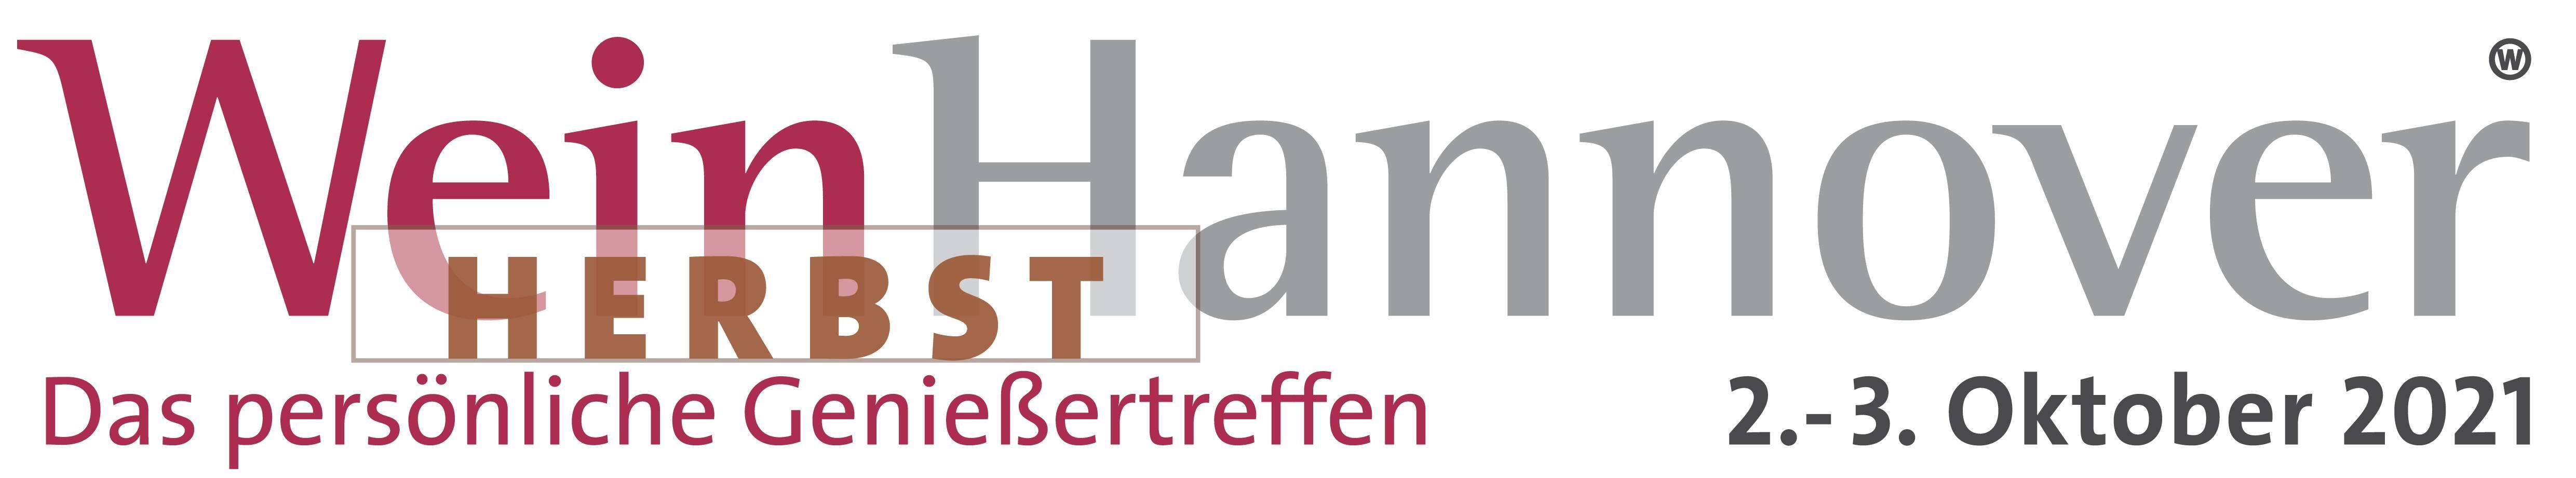 WeinHannover Herbst Logo